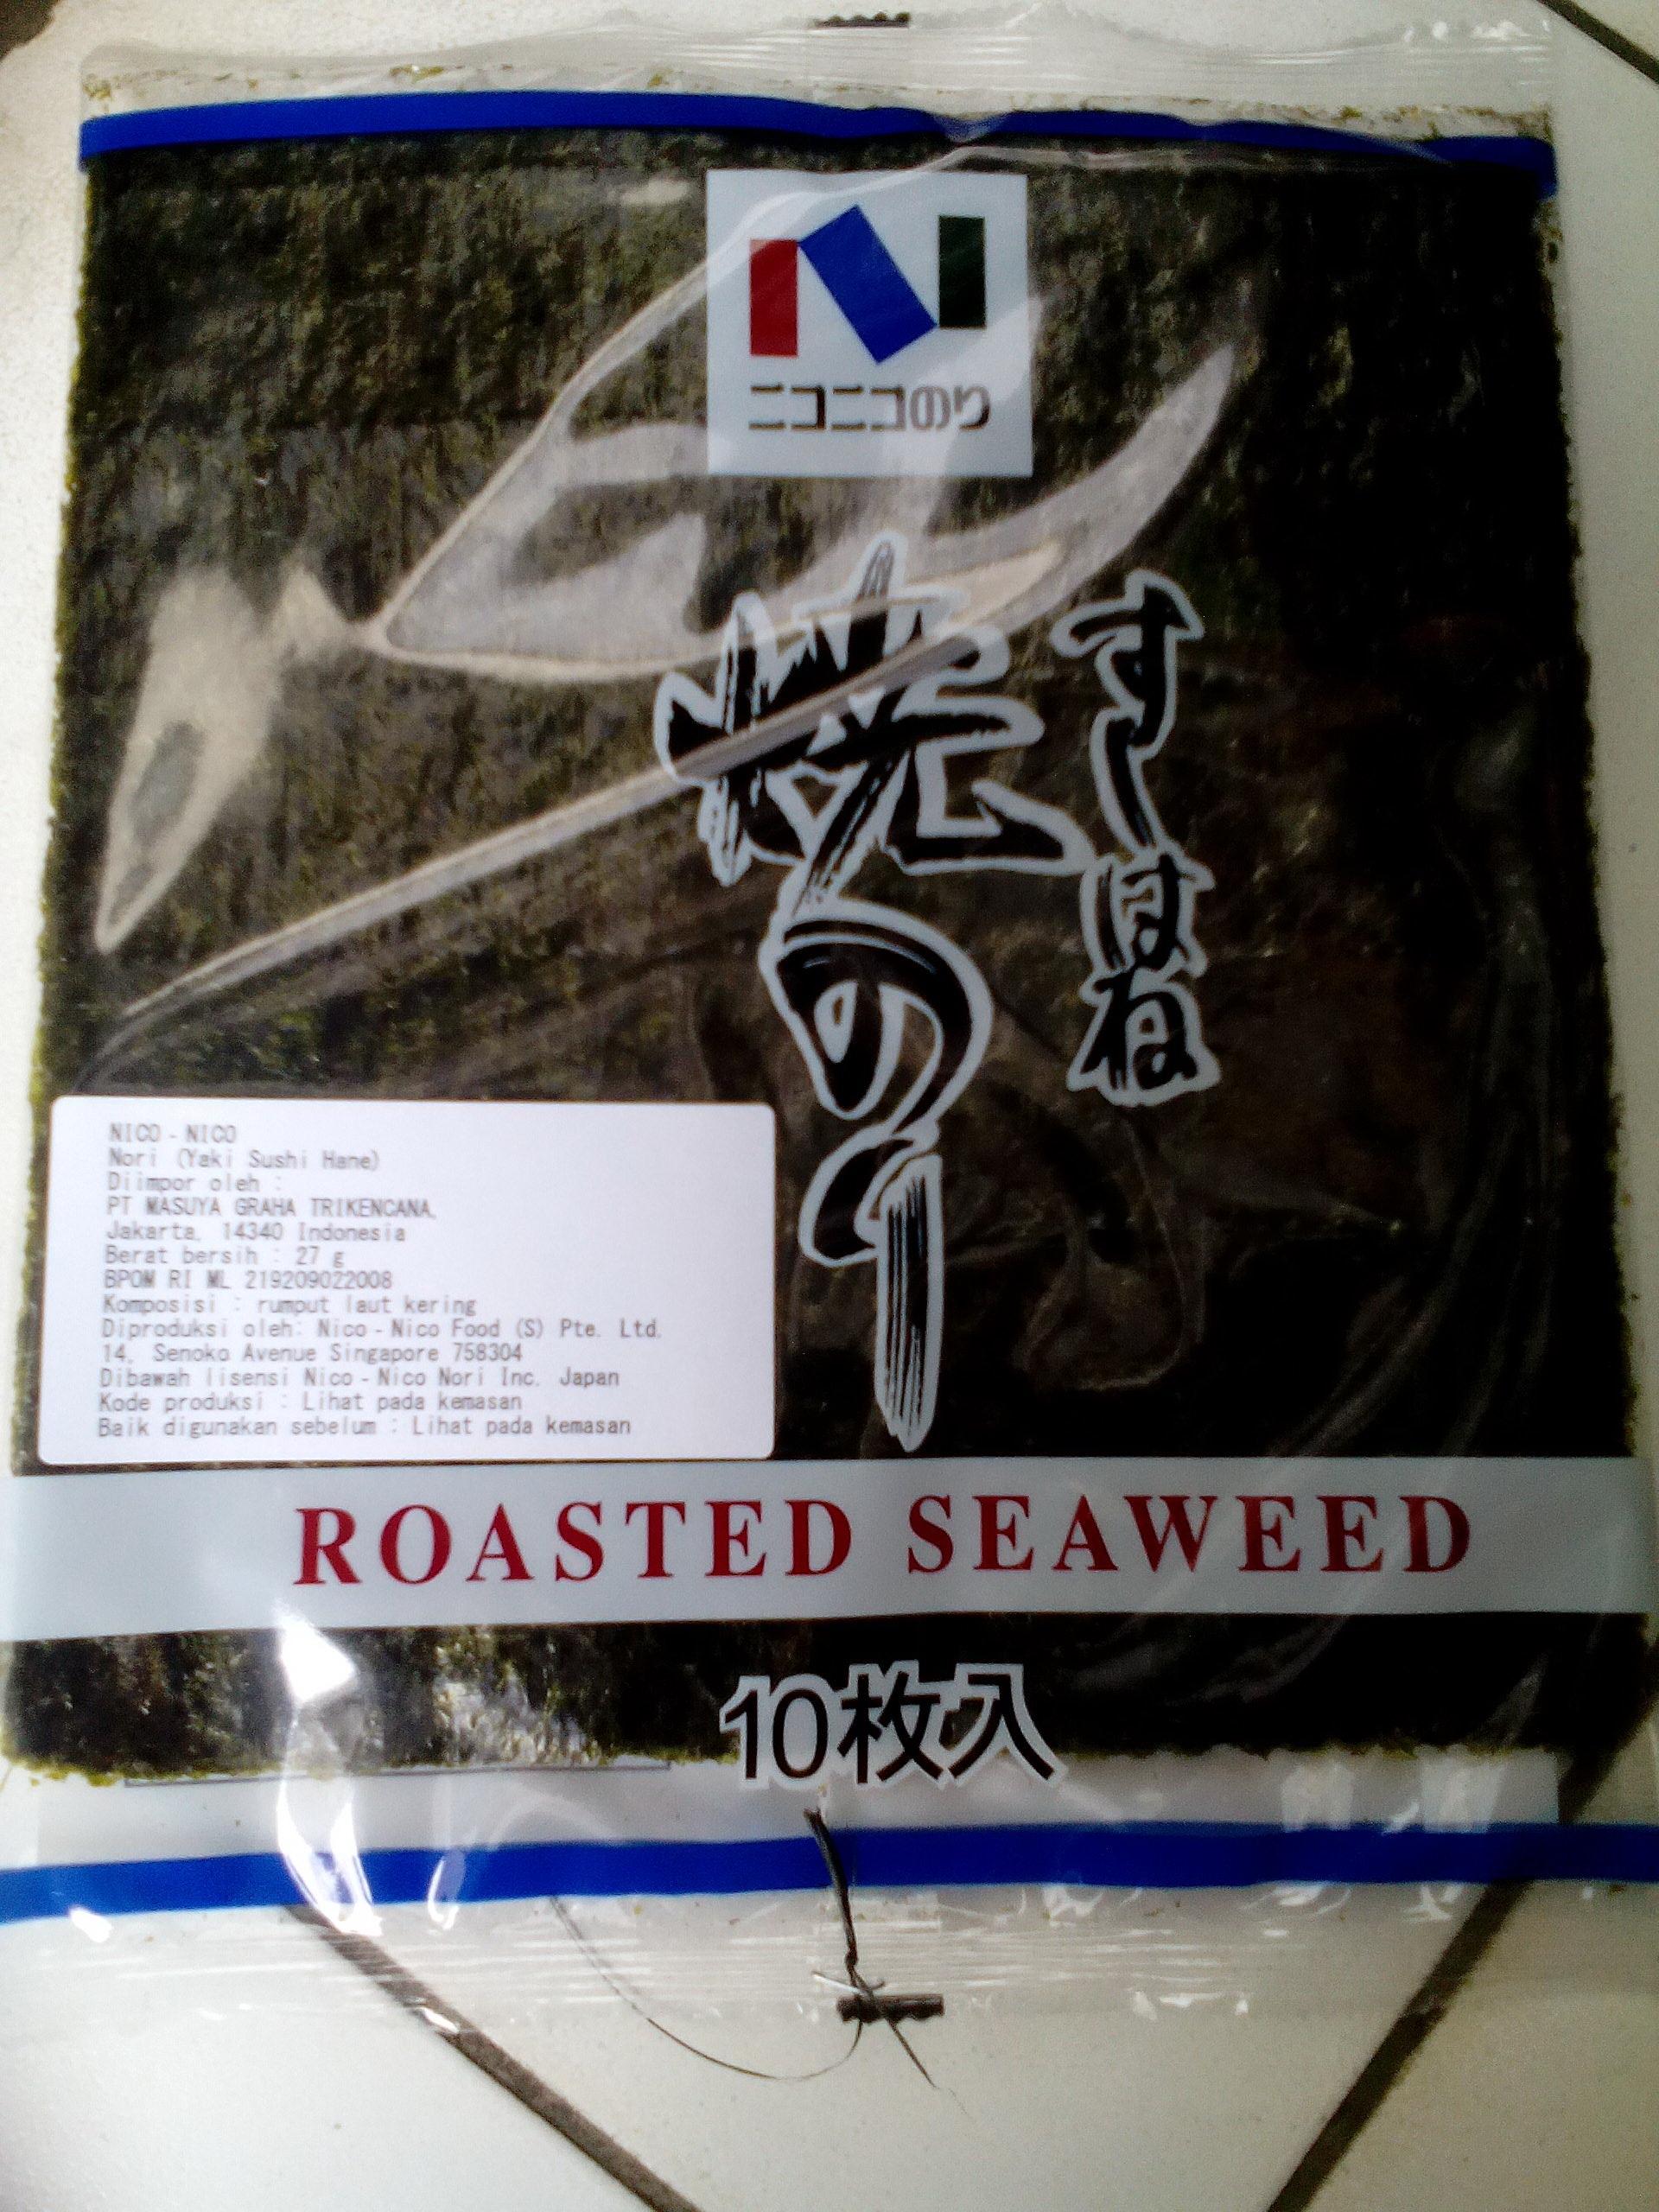 Nori Niconico Utk Sushi Onigiri N Other Japanese Food Daftar Harga Tokinori 50 Lembar Rumput Laut Uk 21x19cm Jual Nico